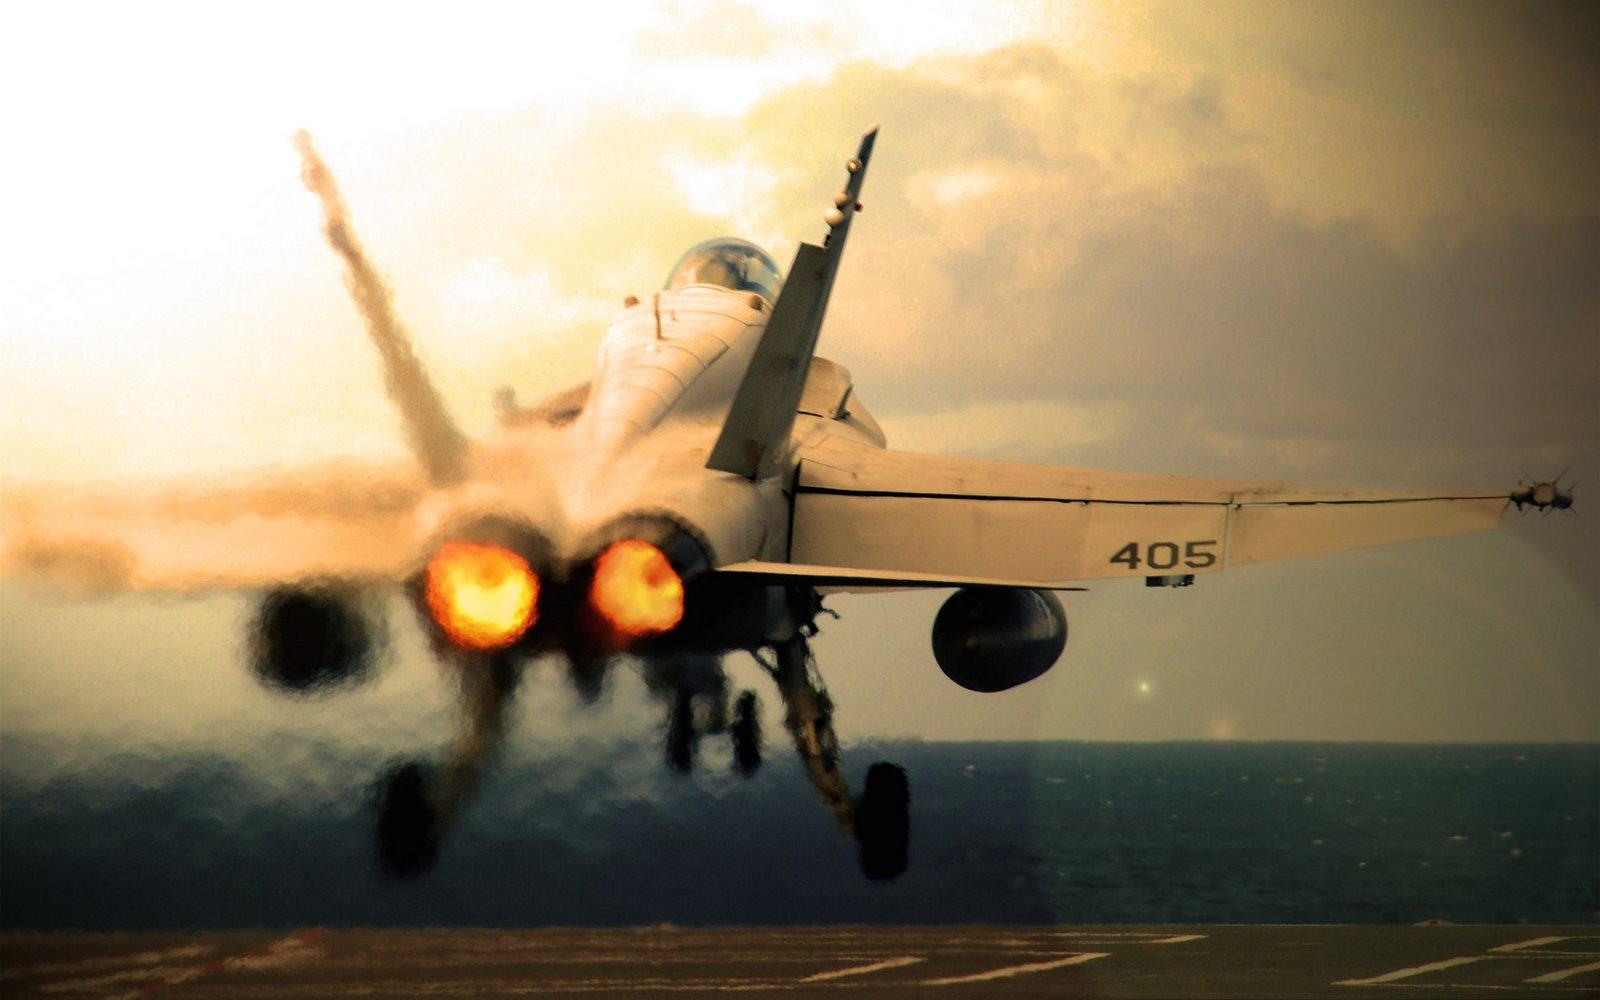 Un avión militar despegando - 1600x1000